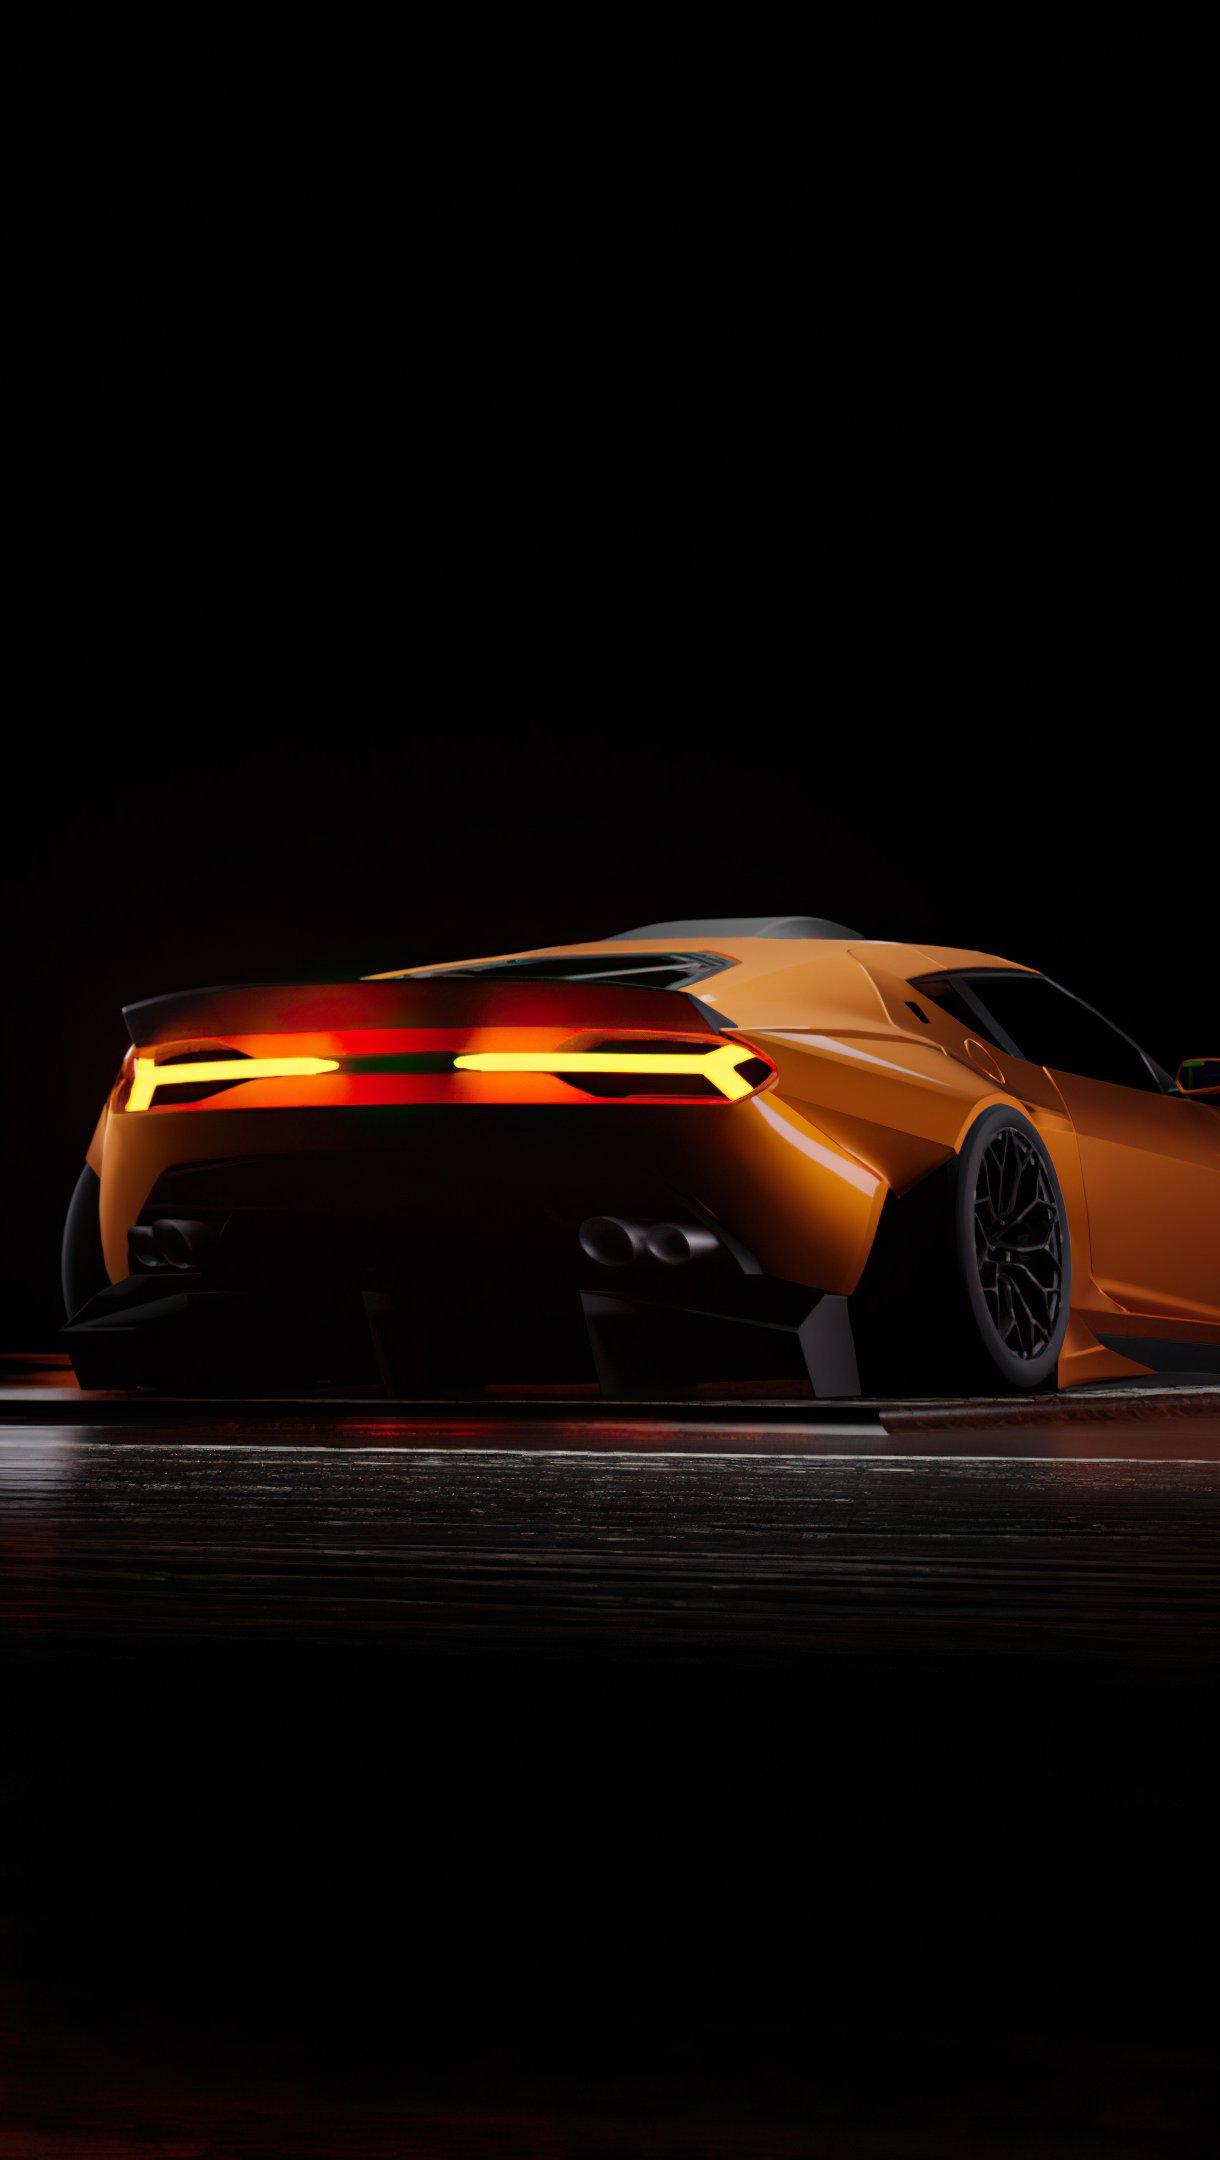 Wallpaper Lamborghini Asterion Vertical